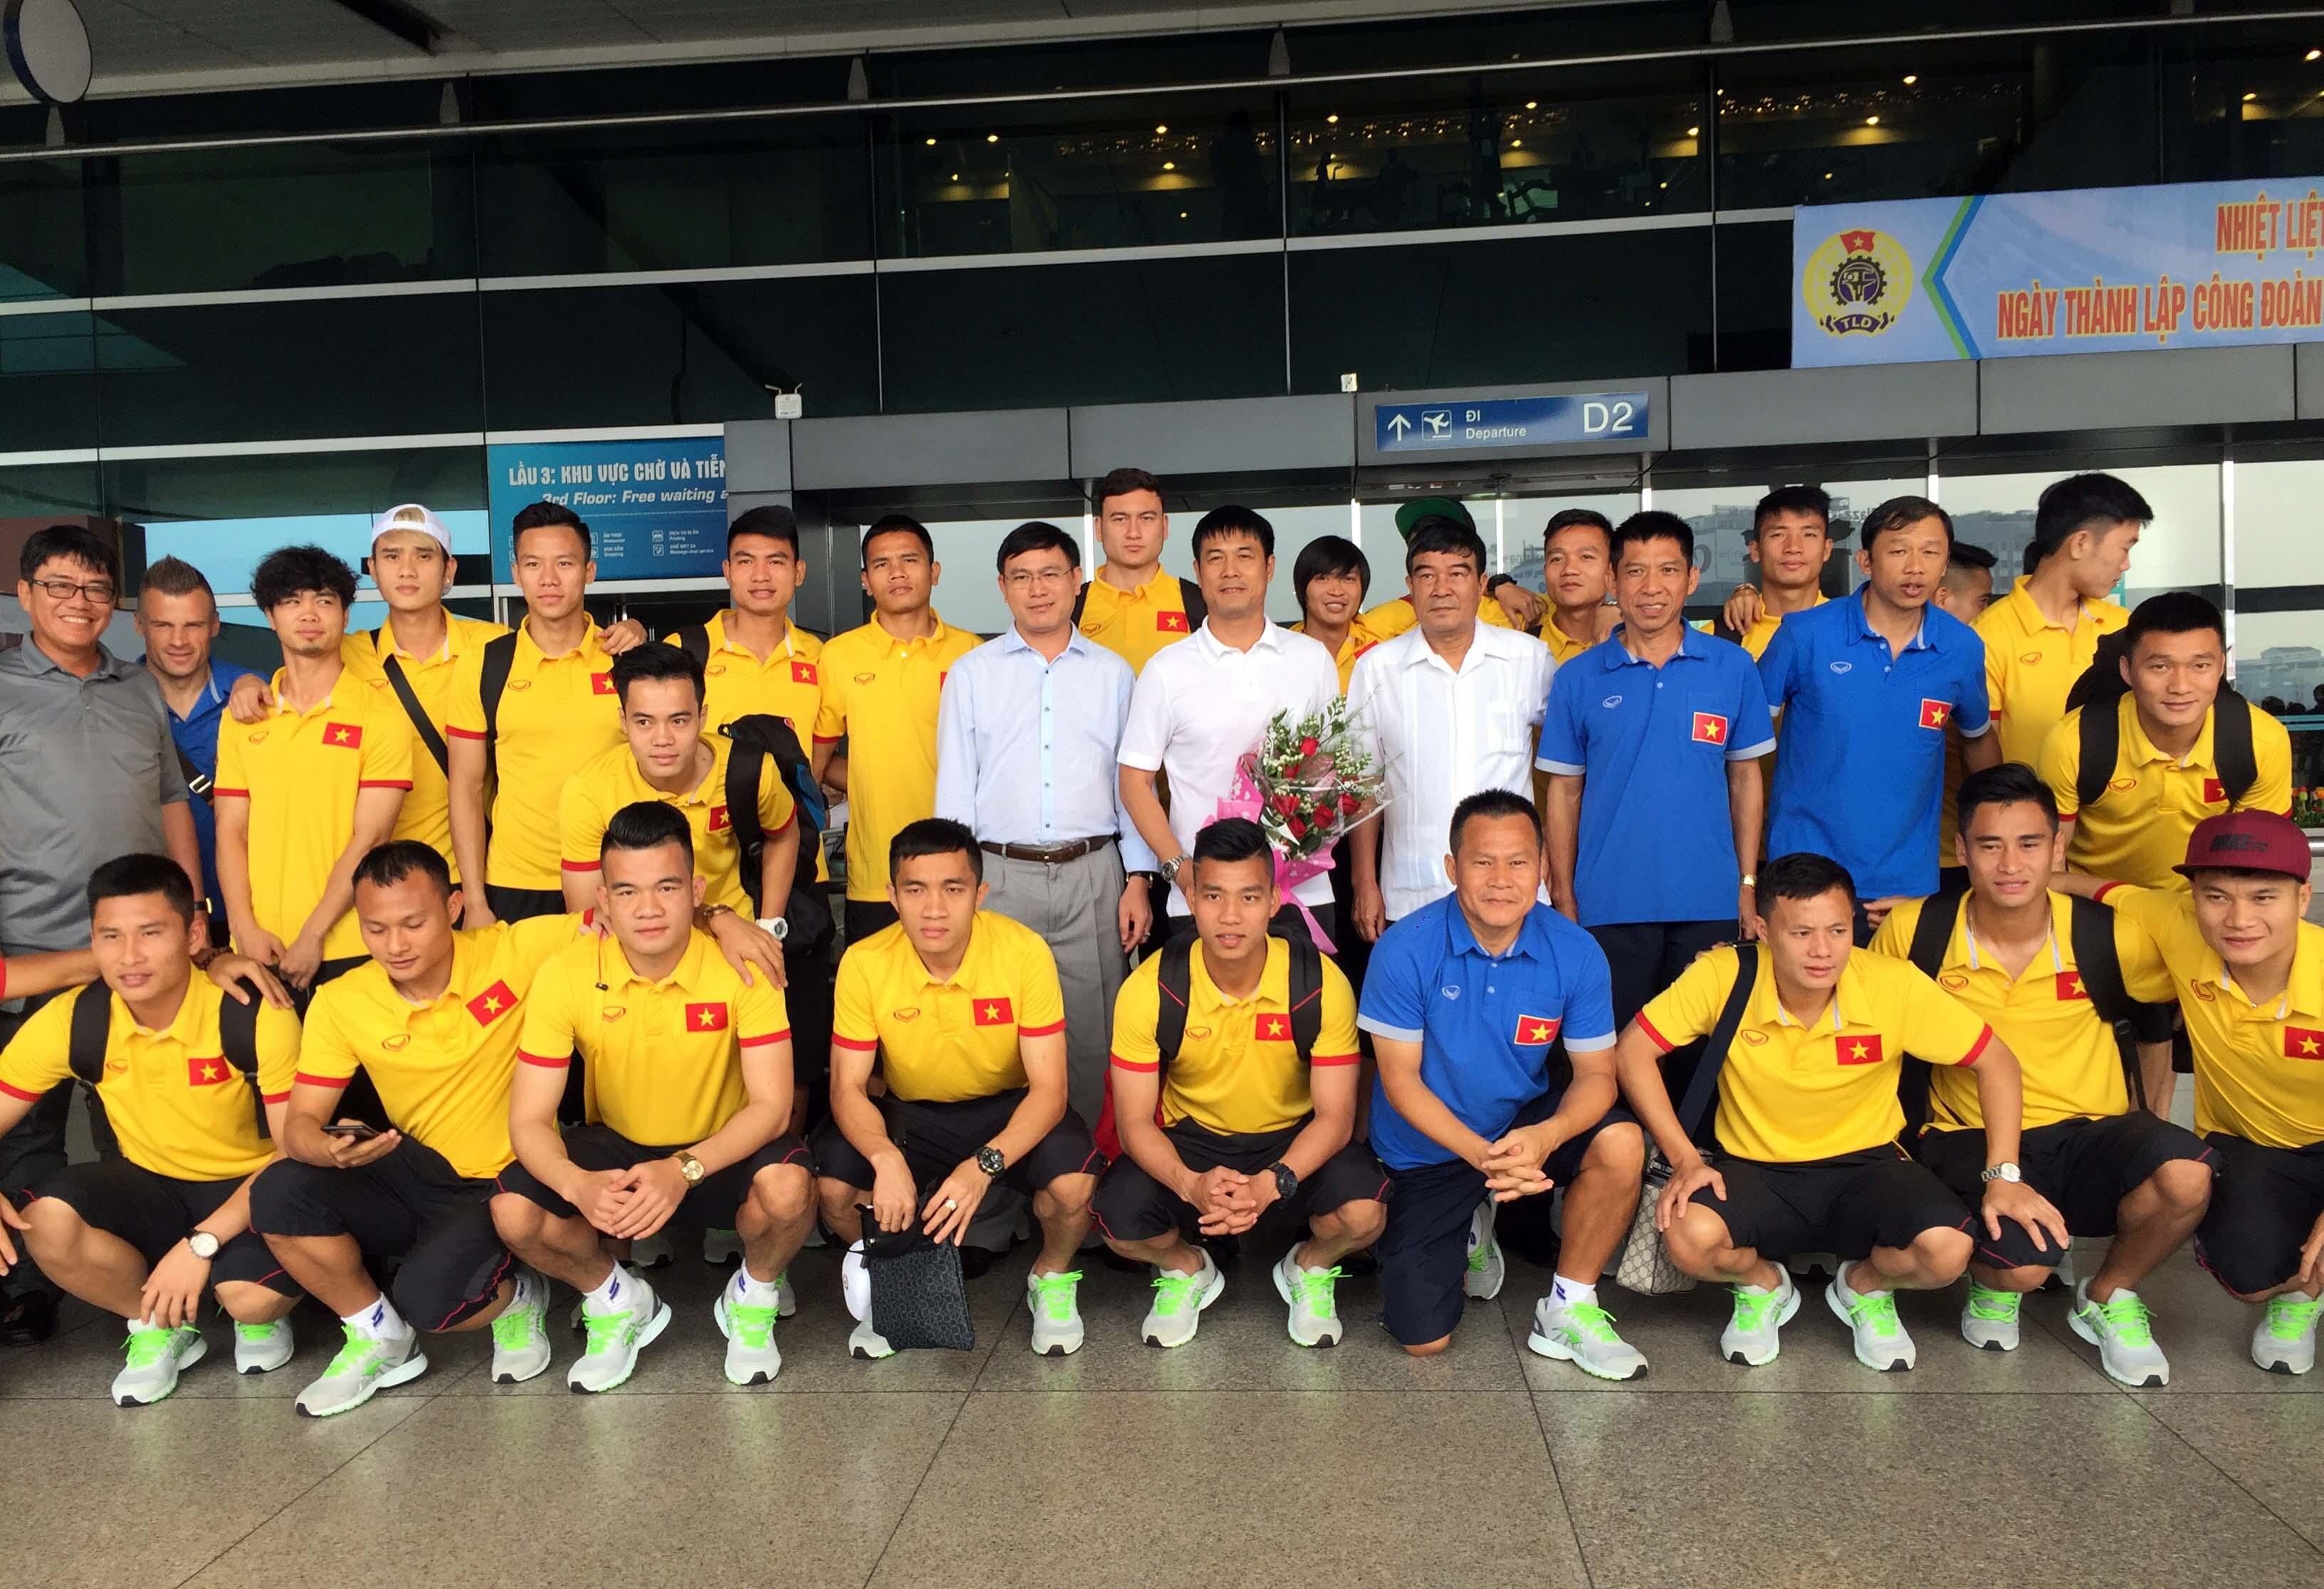 Album ảnh đội tuyển Việt Nam lên đường tham dự AFF Suzuki Cup 2016